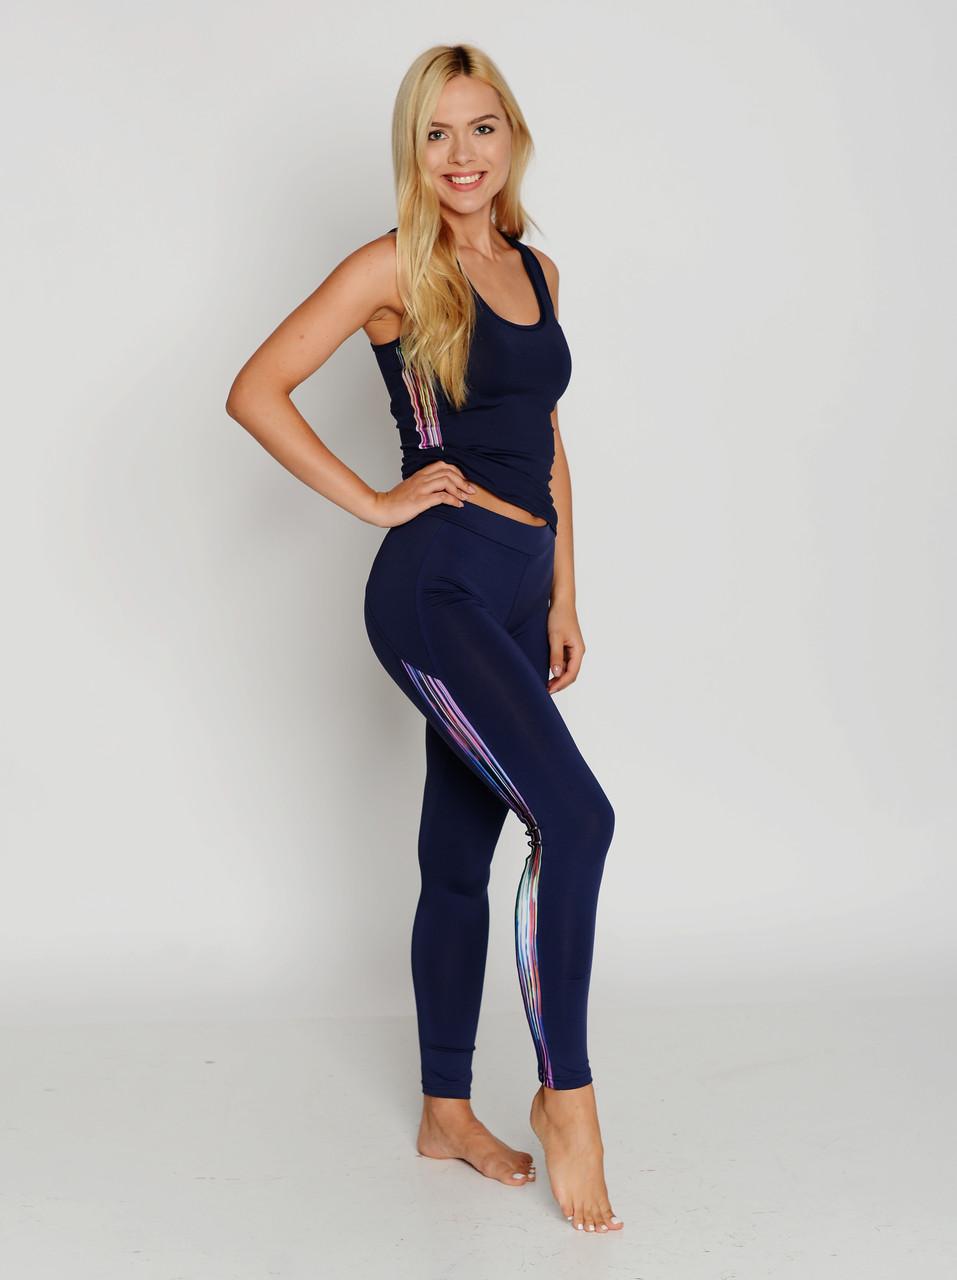 Спортивные женские легинсы BasBlack Cosmic blue (original), лосины для бега, фитнеса, спортзала